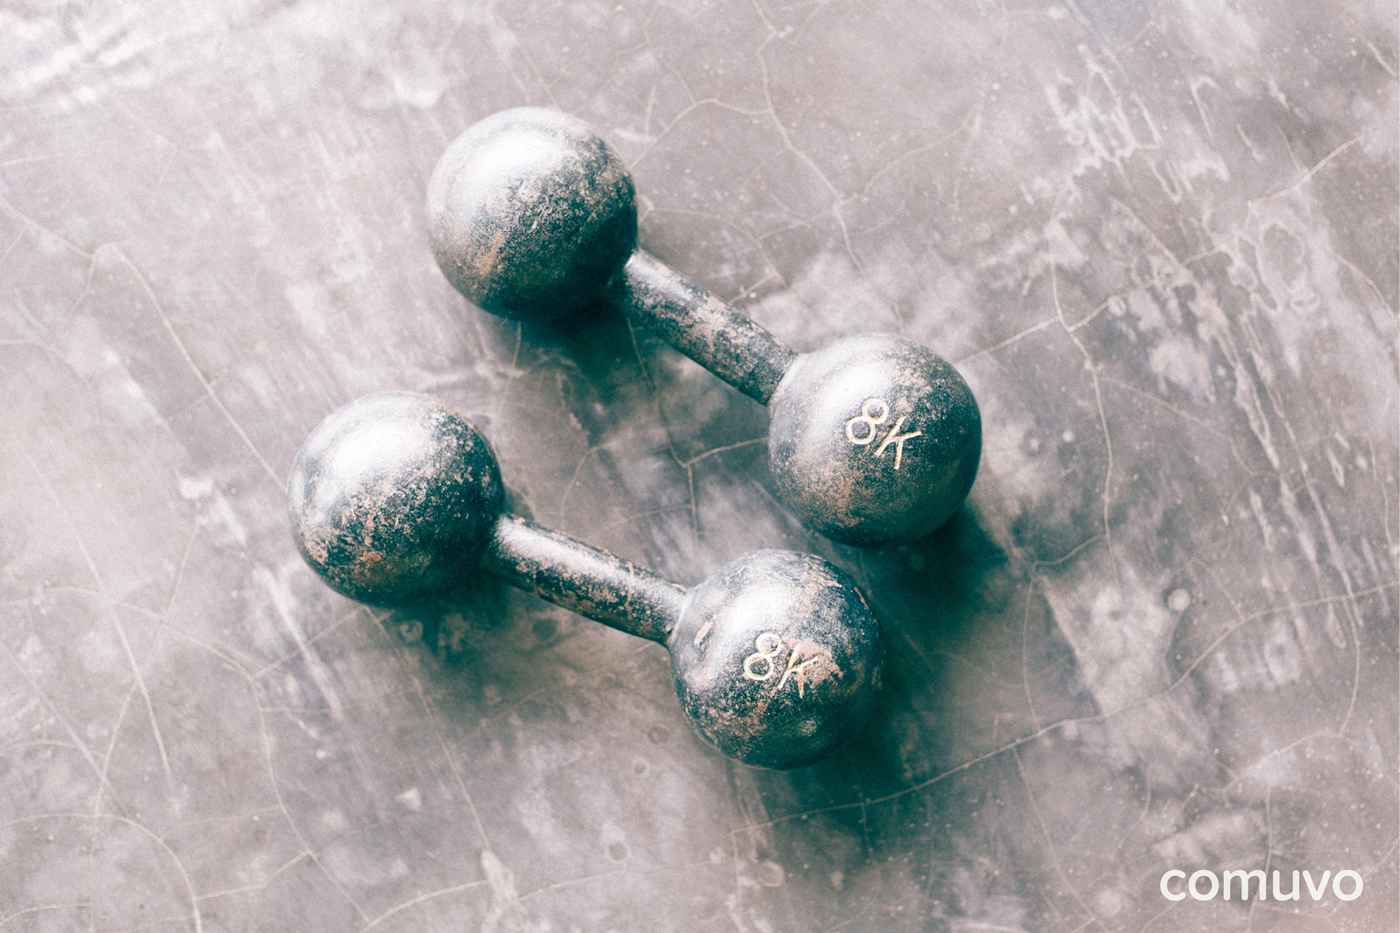 Schmerzen nach dem Training? Die 5 besten Tipps gegen Muskelkater | comuvo Blog